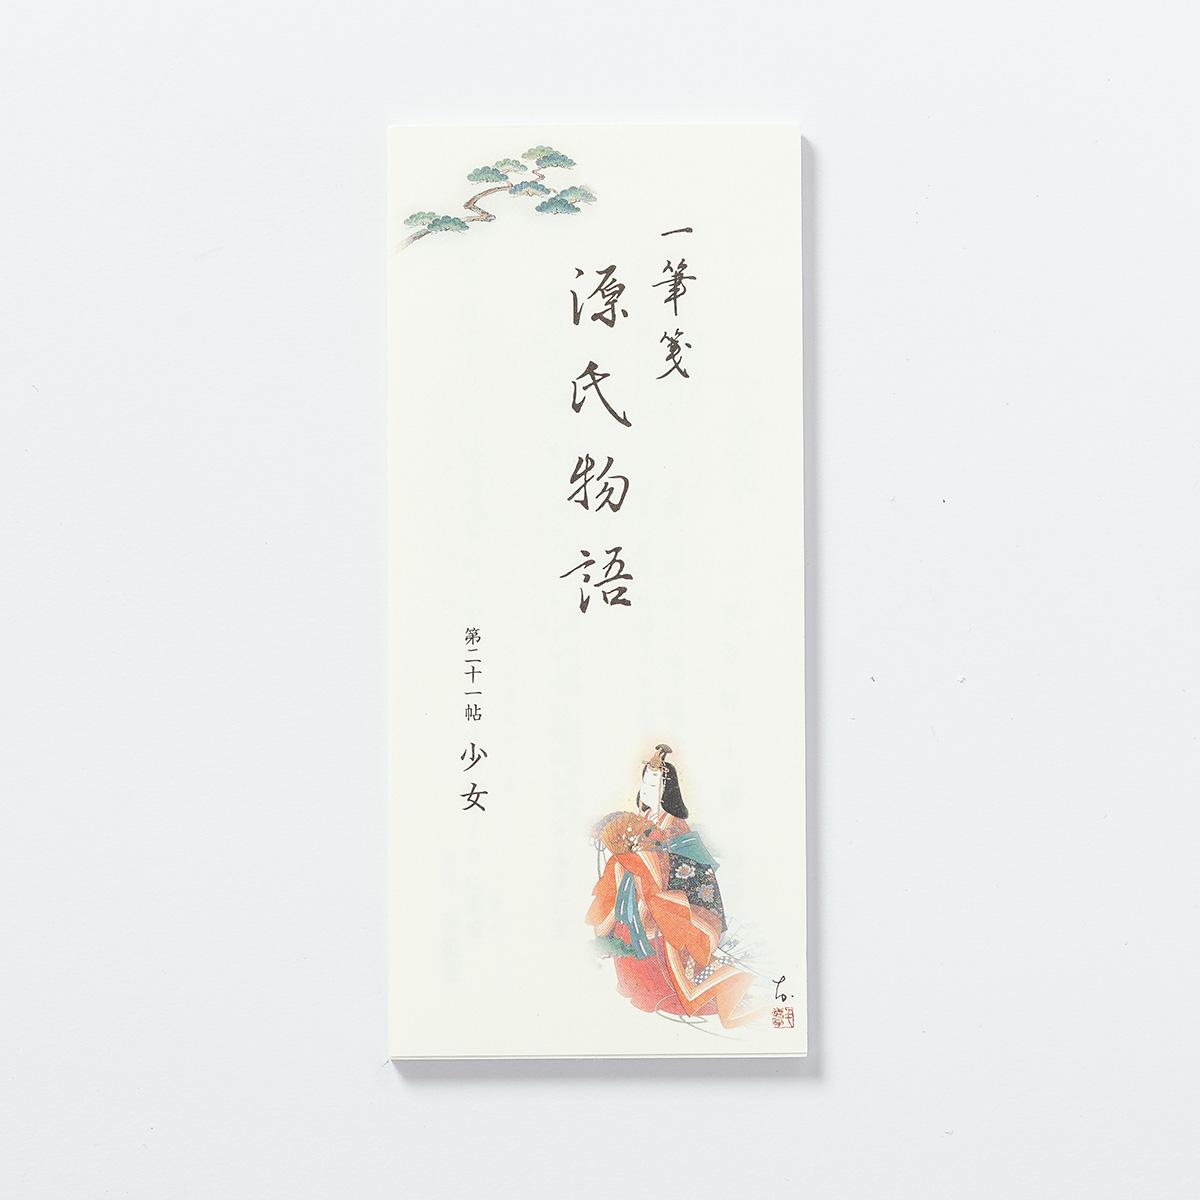 源氏物語一筆箋 第21帖「少女」